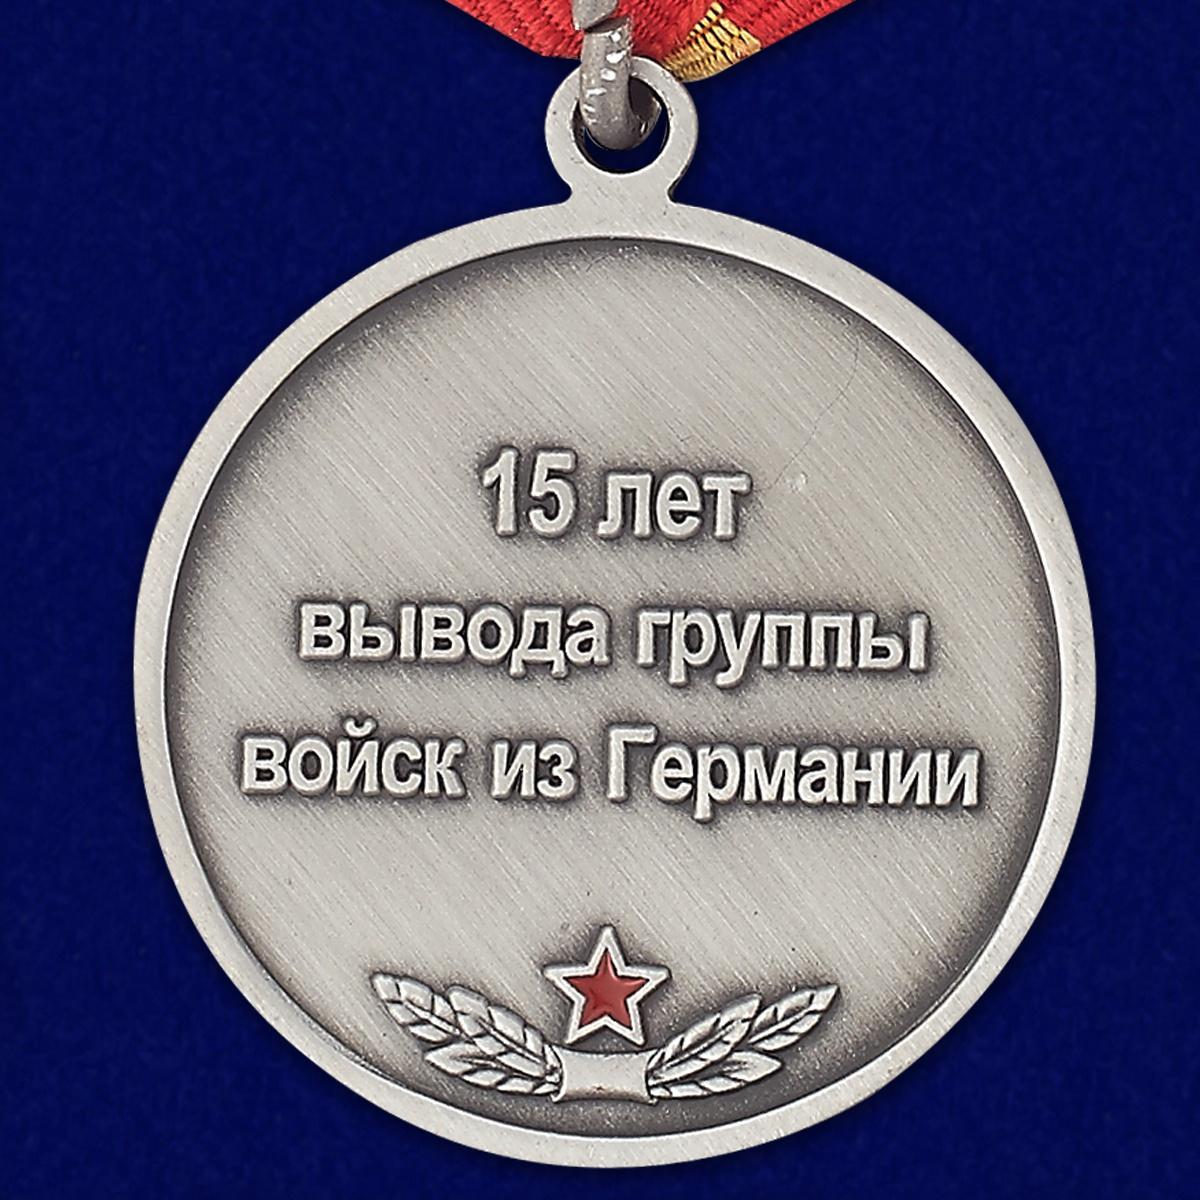 Медаль 15 лет вывода группы войск из Германии - оборотная сторона